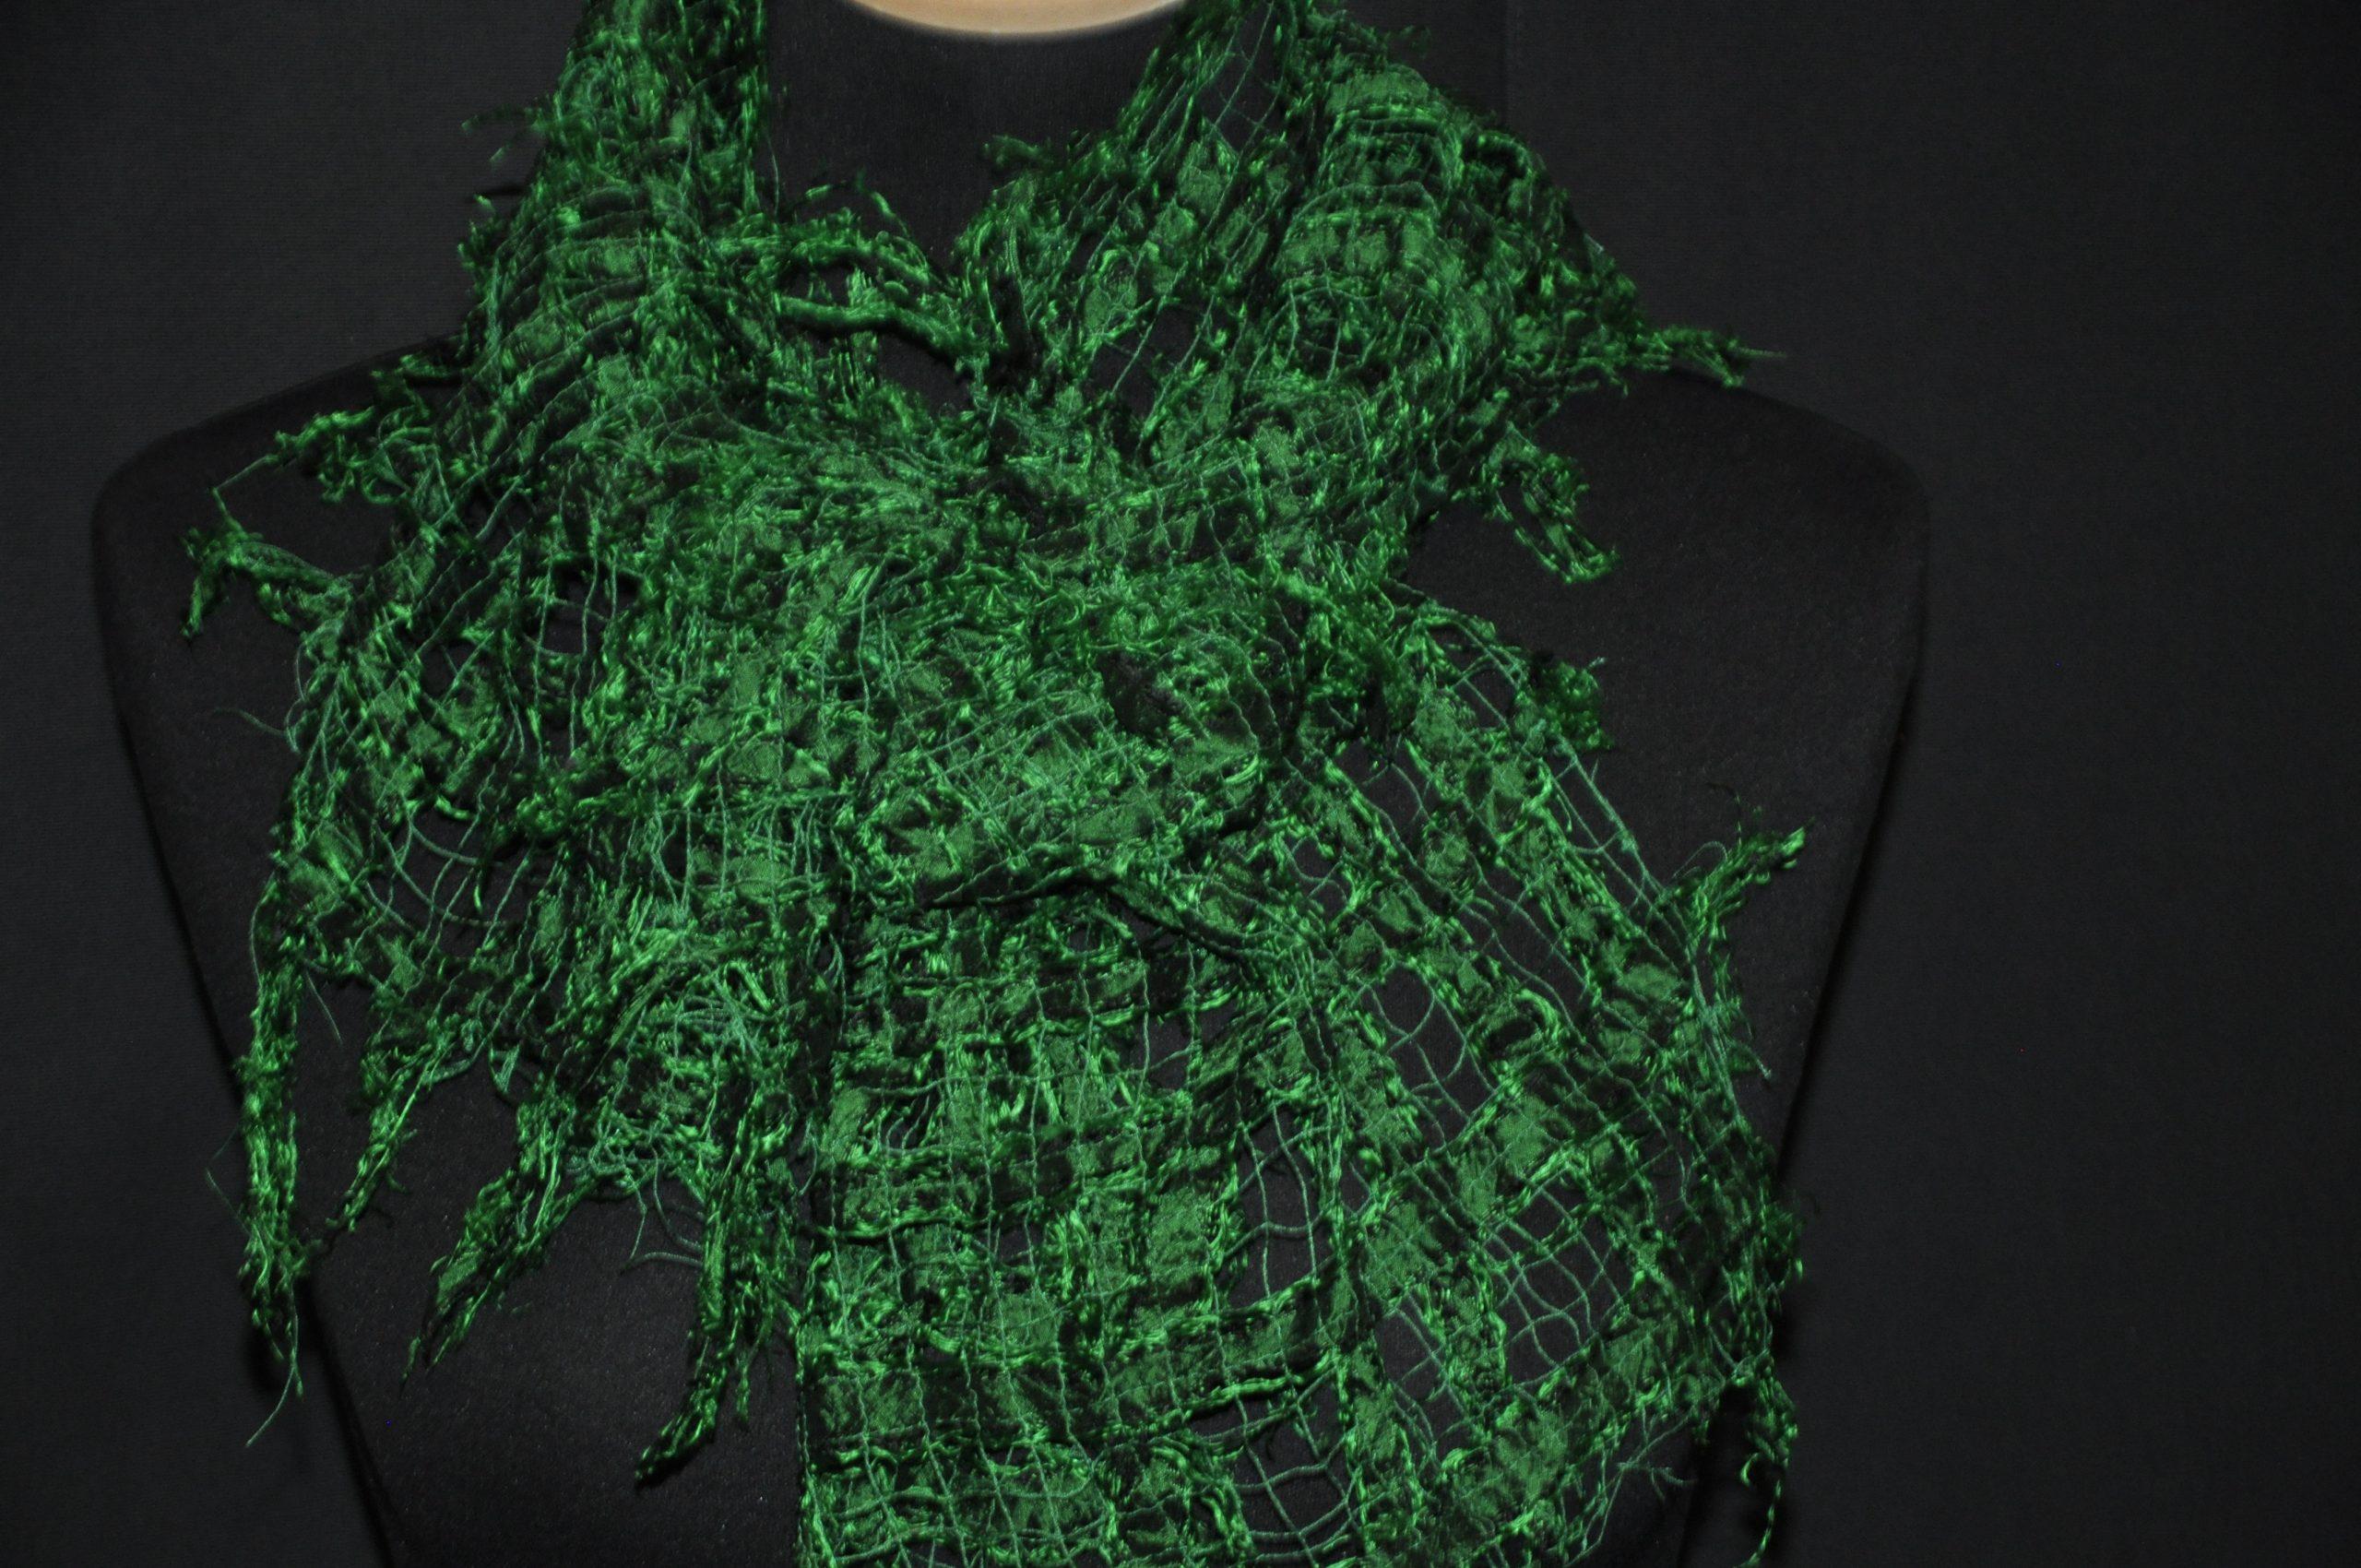 Seidenschal - grün, durchbrochen